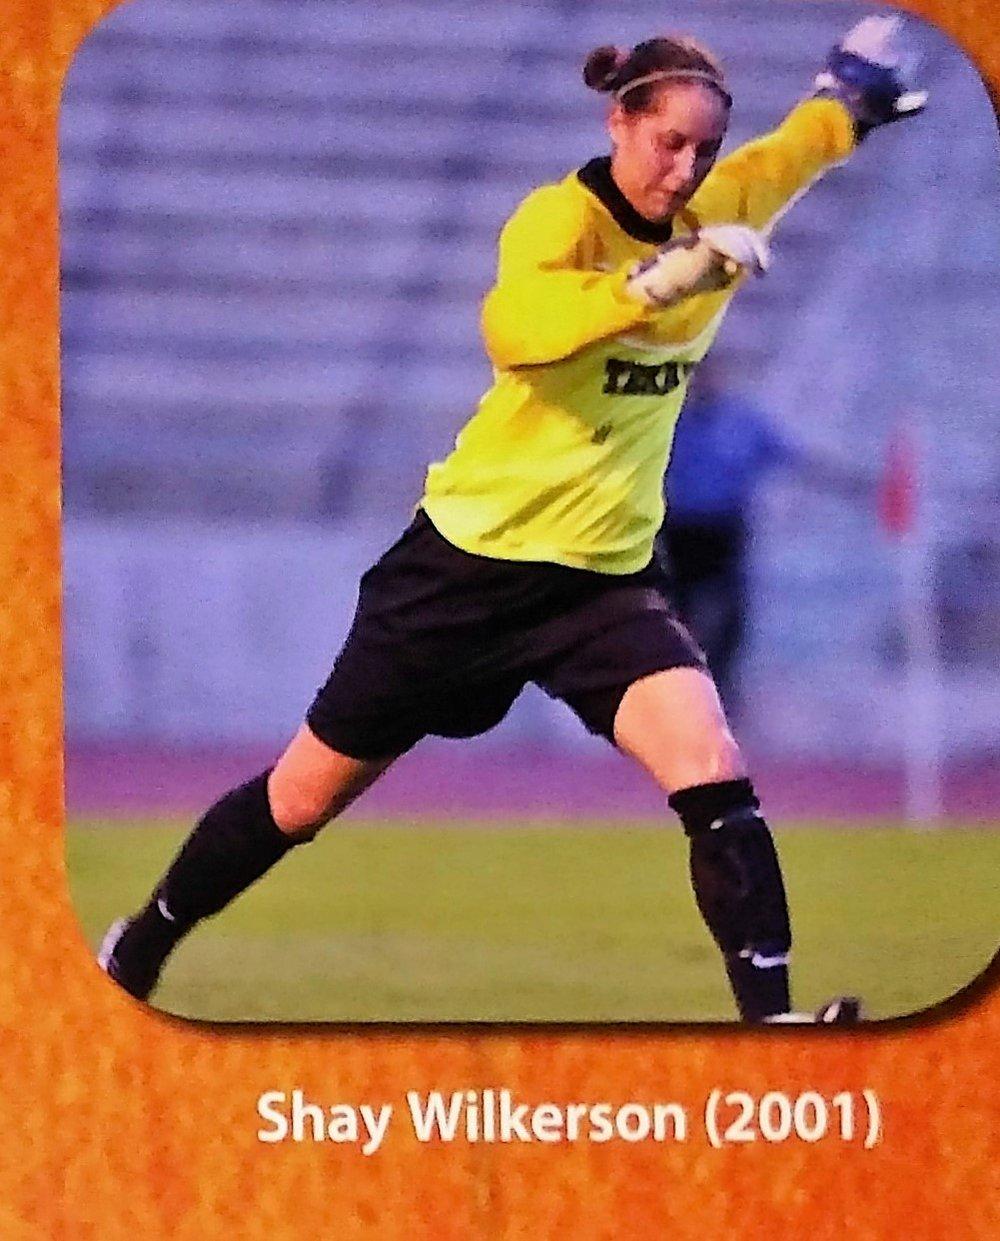 Shay Wilderson